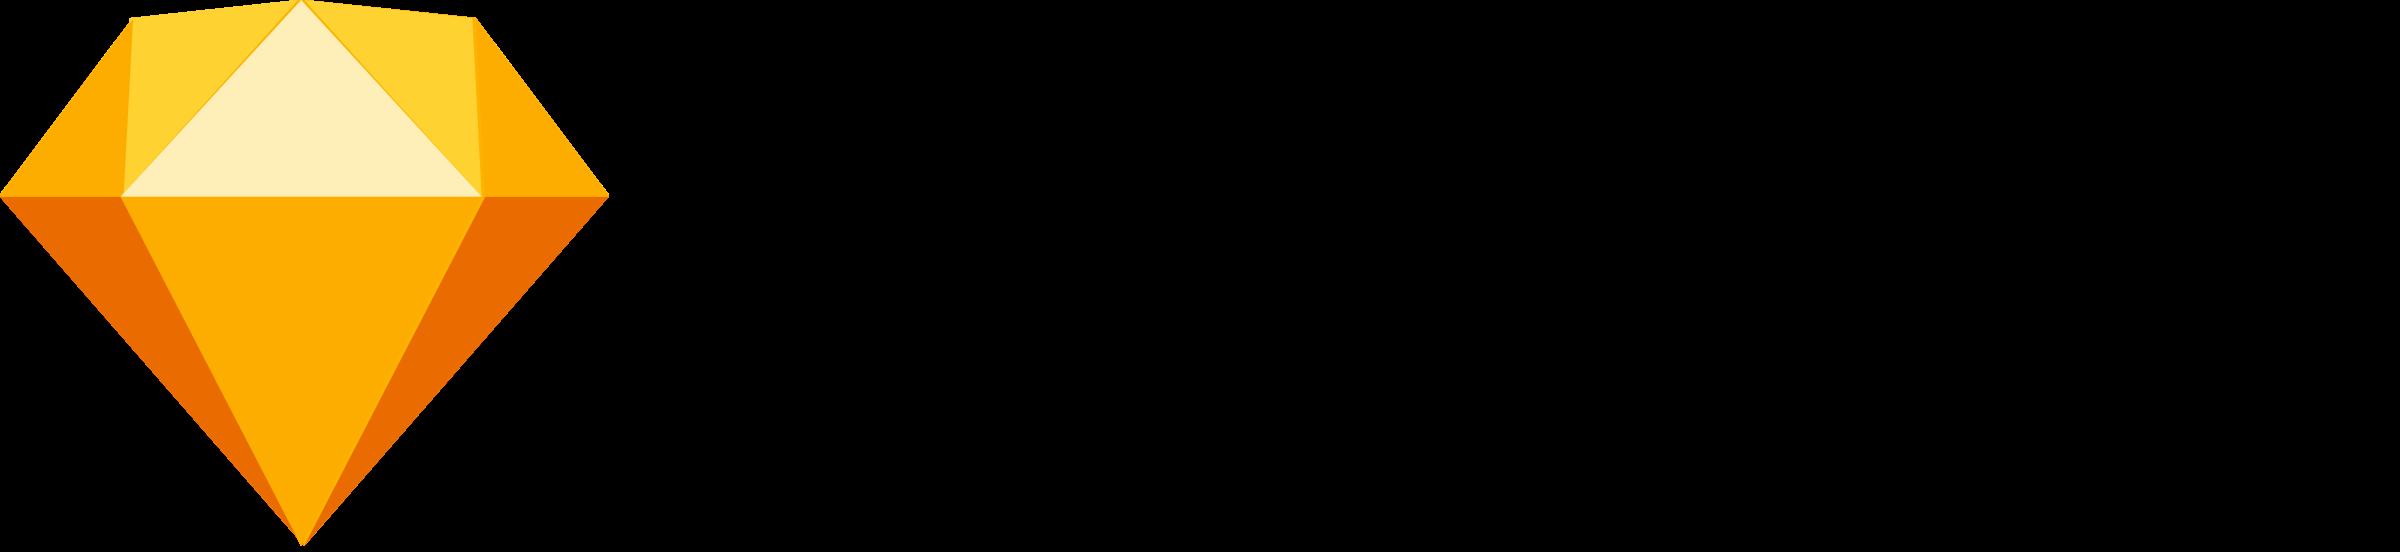 Sketch Logo Png Transparent Svg Vector Freebie Supply